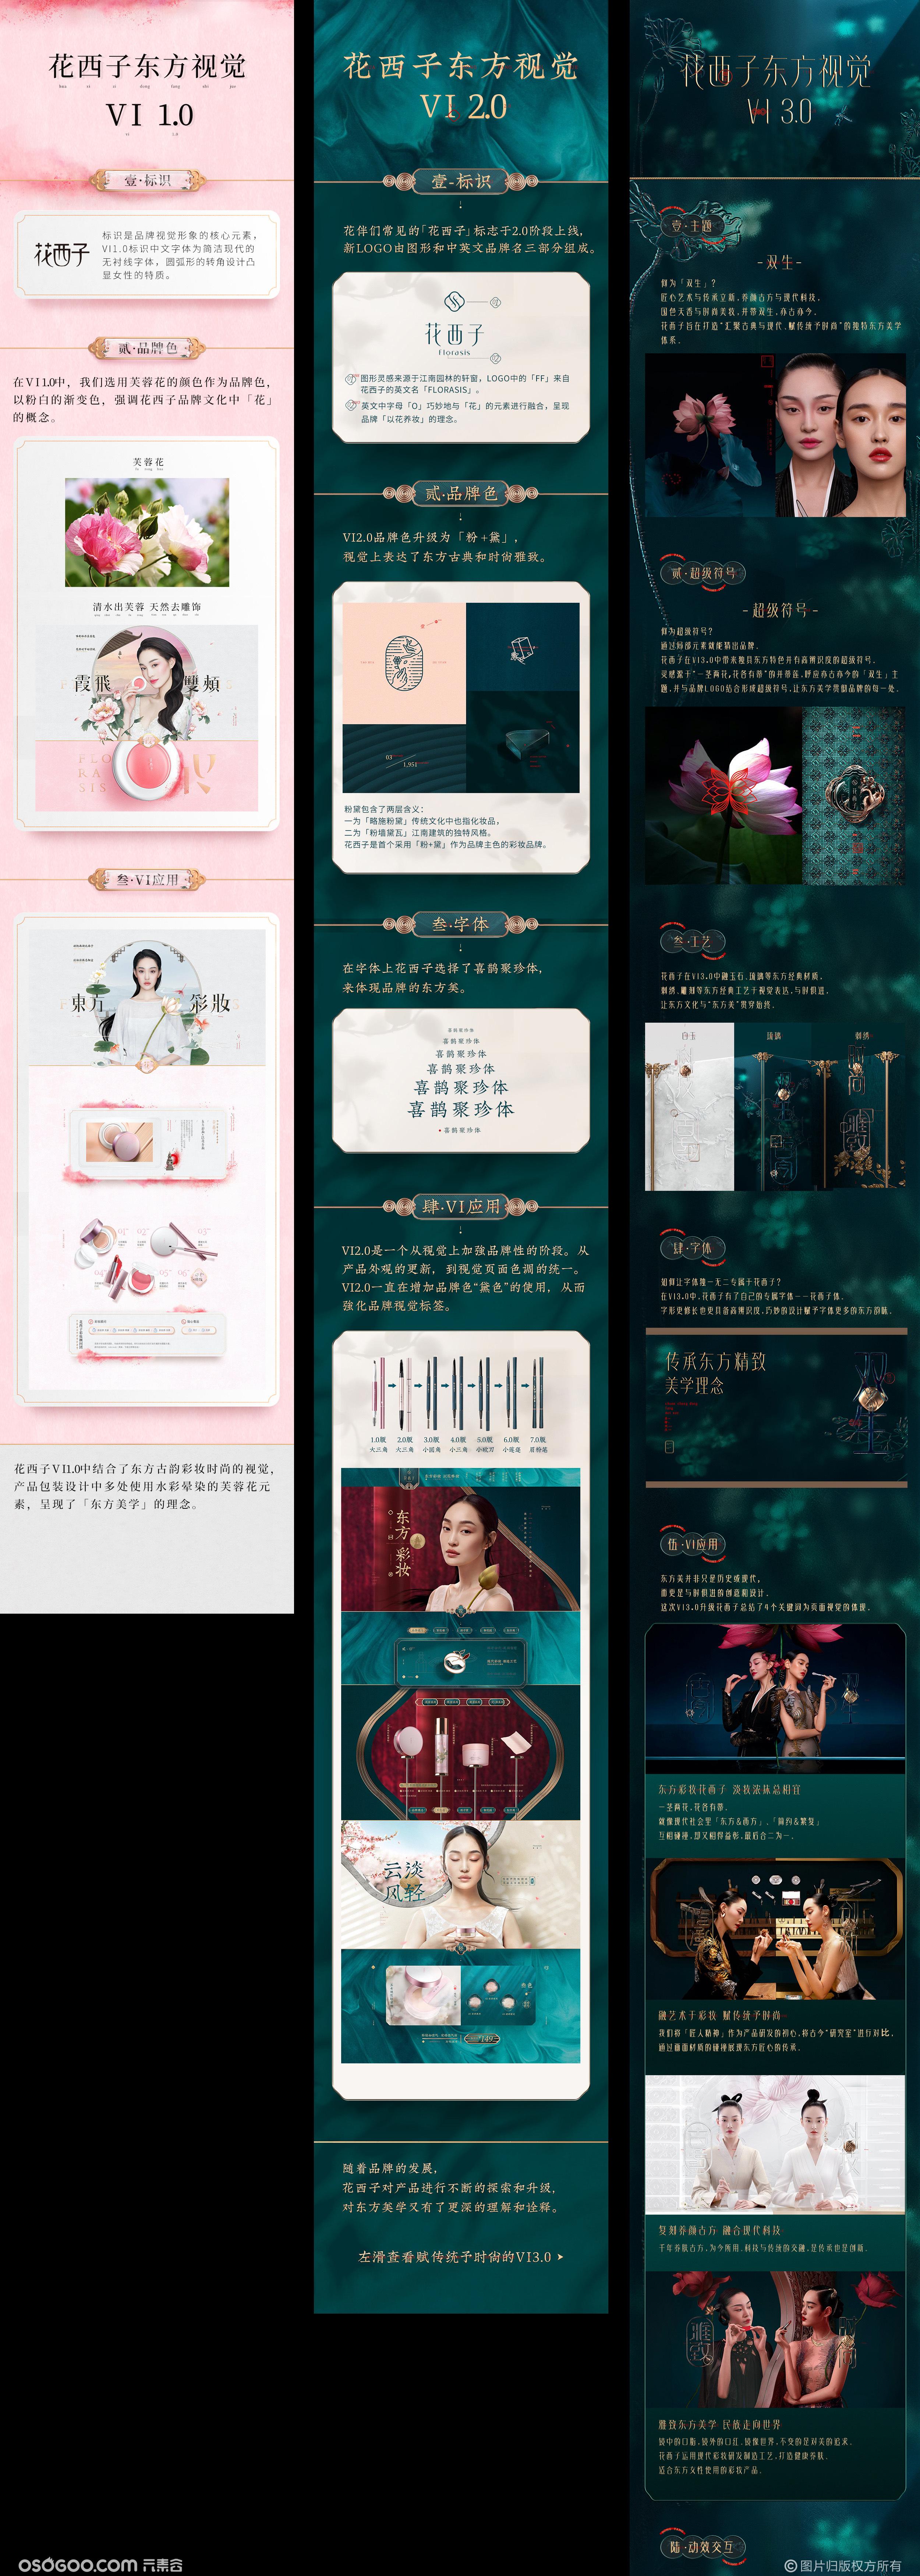 花西子品牌3.0 细腻的东方美学